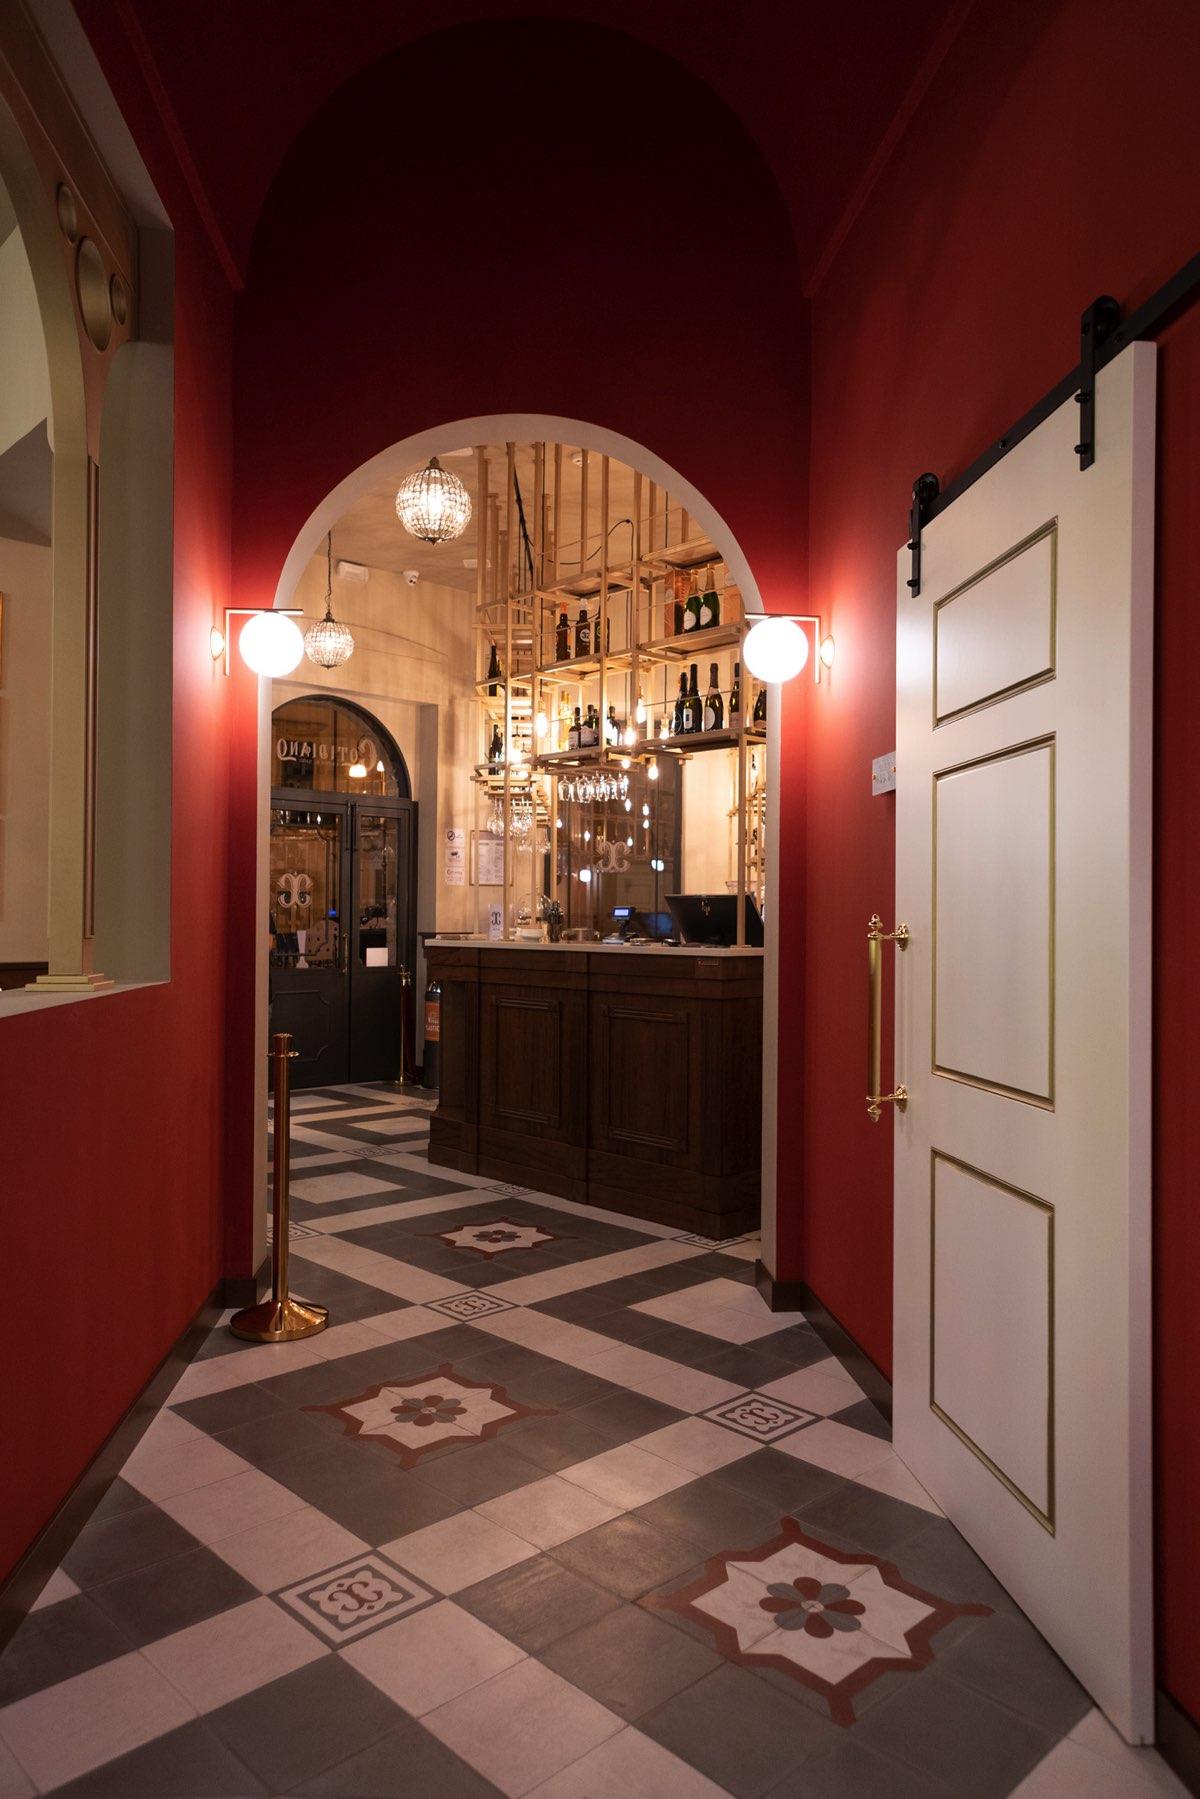 Entrata del locale con pareti rosse ed un archetto sul corridoio